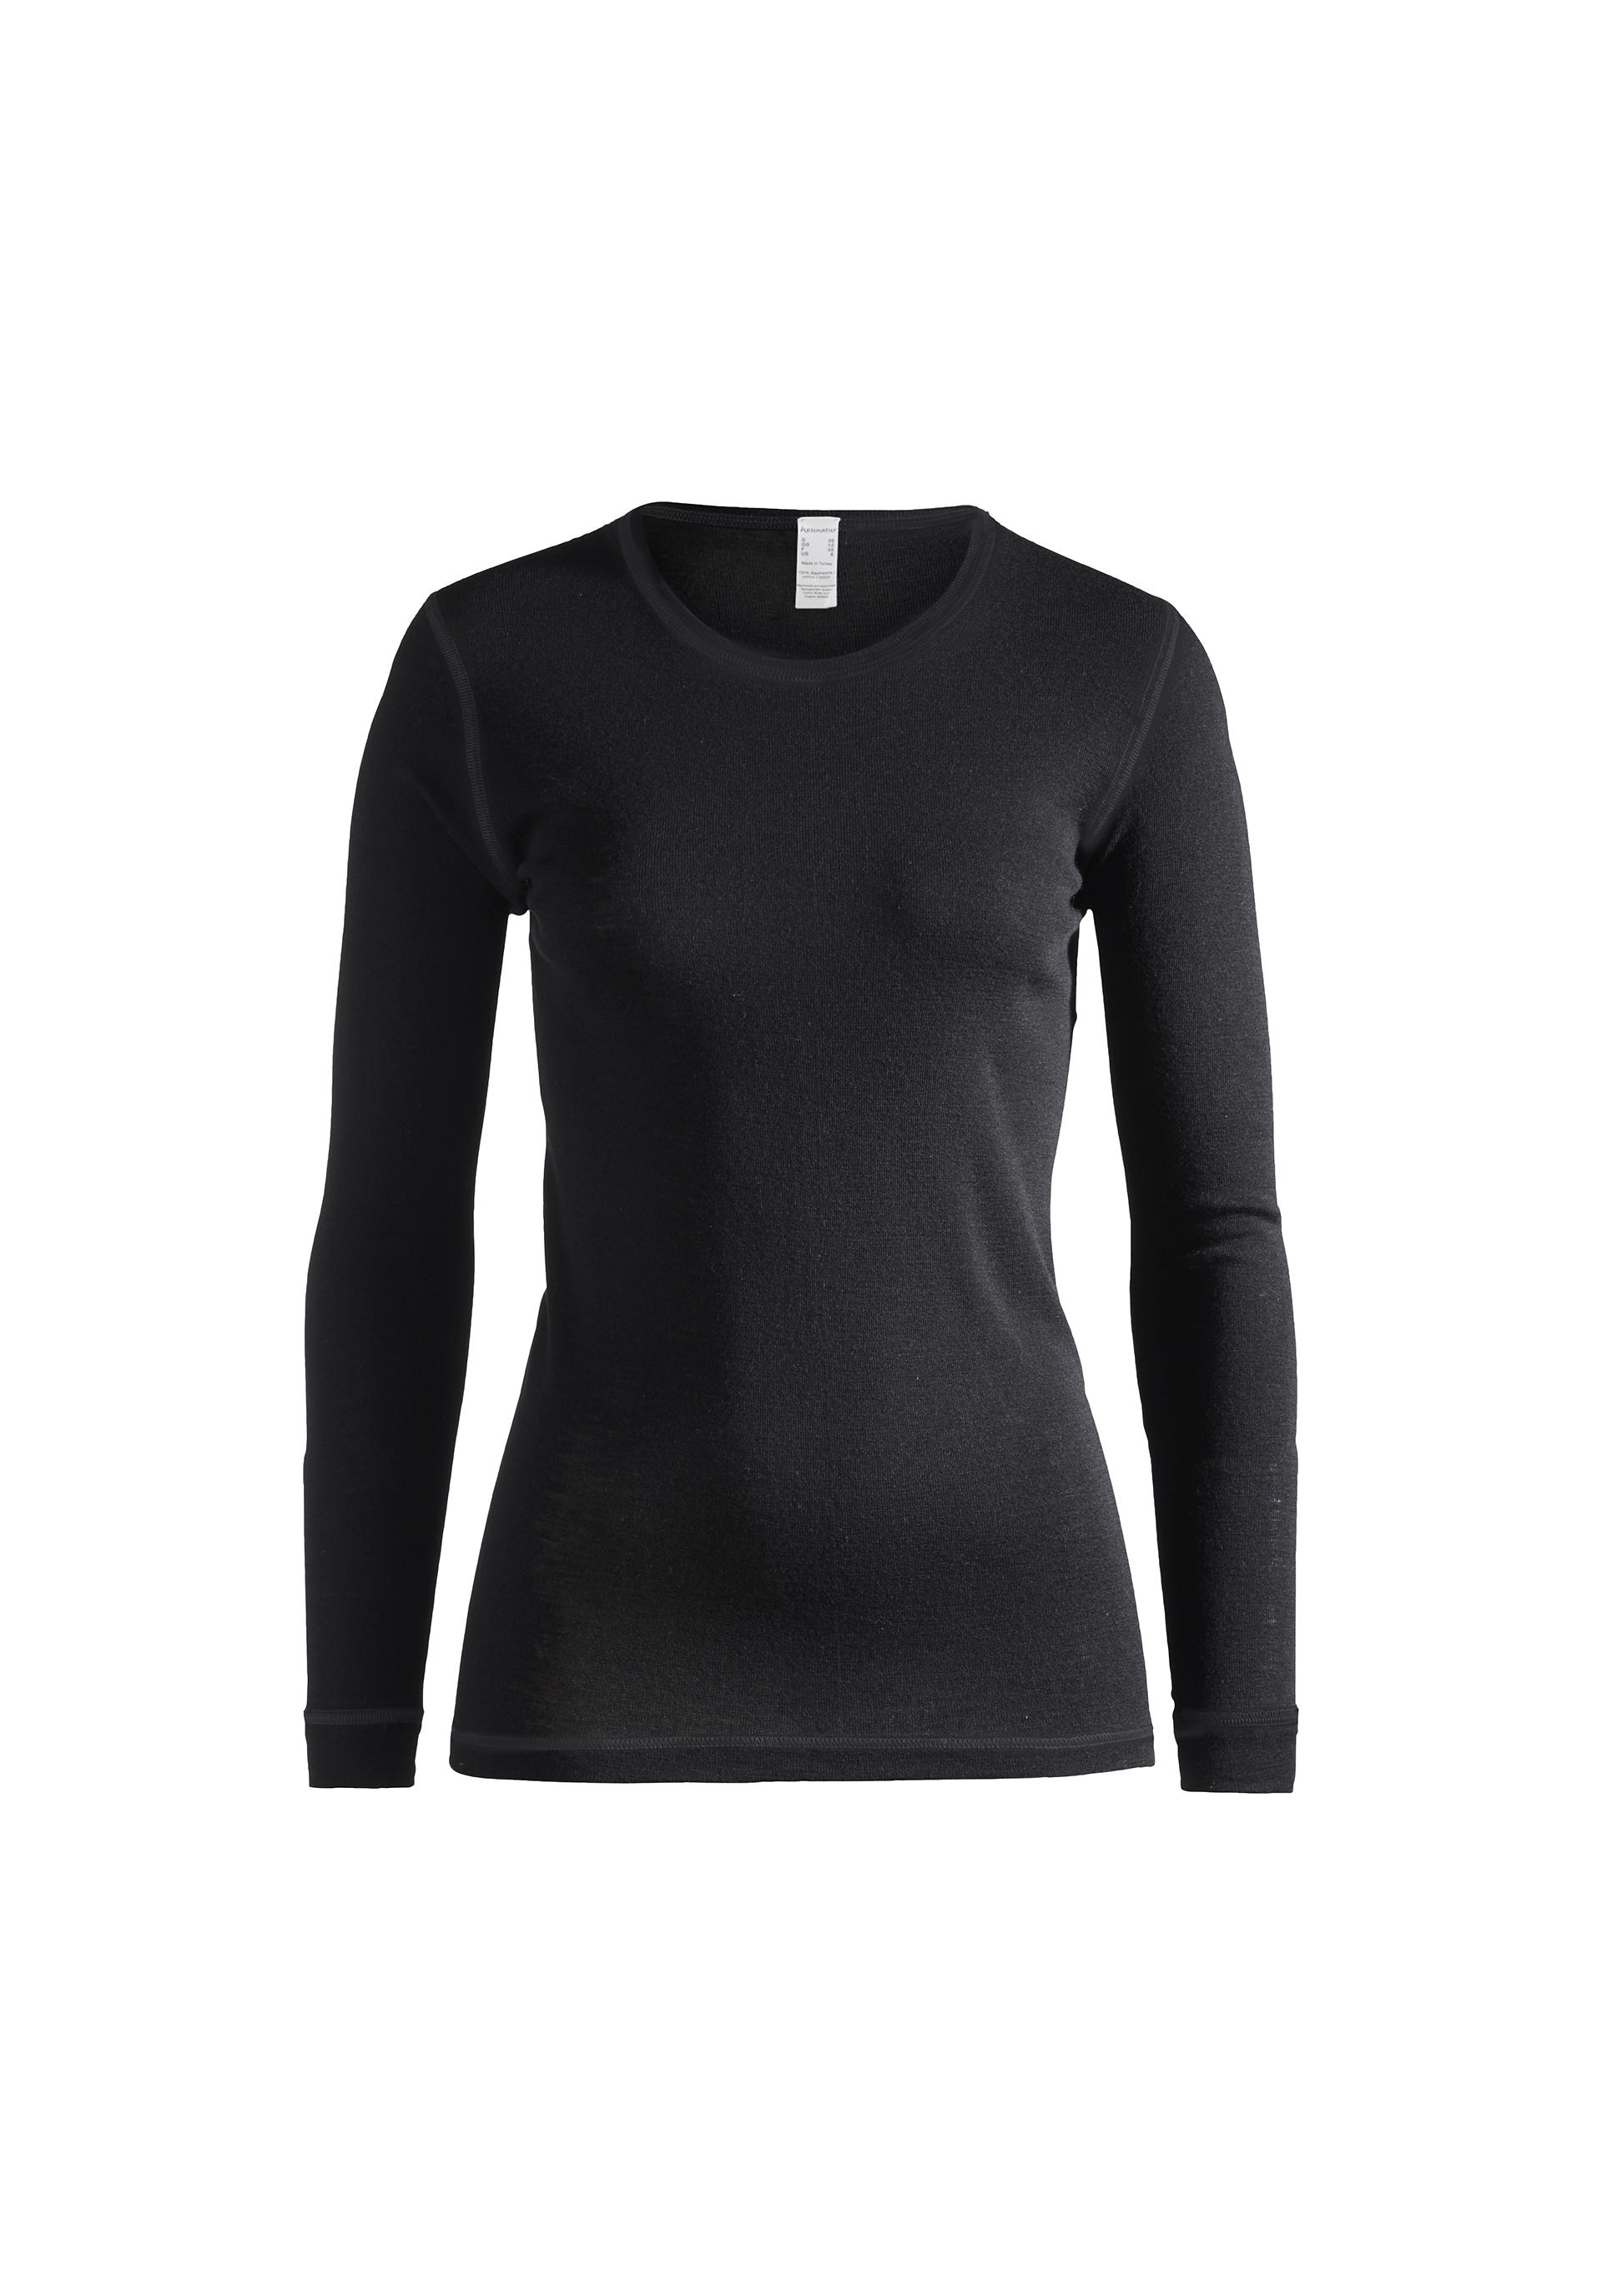 Langarm-Shirt PureMIX aus Bio-Schurwolle mit Seide - hessnatur ...